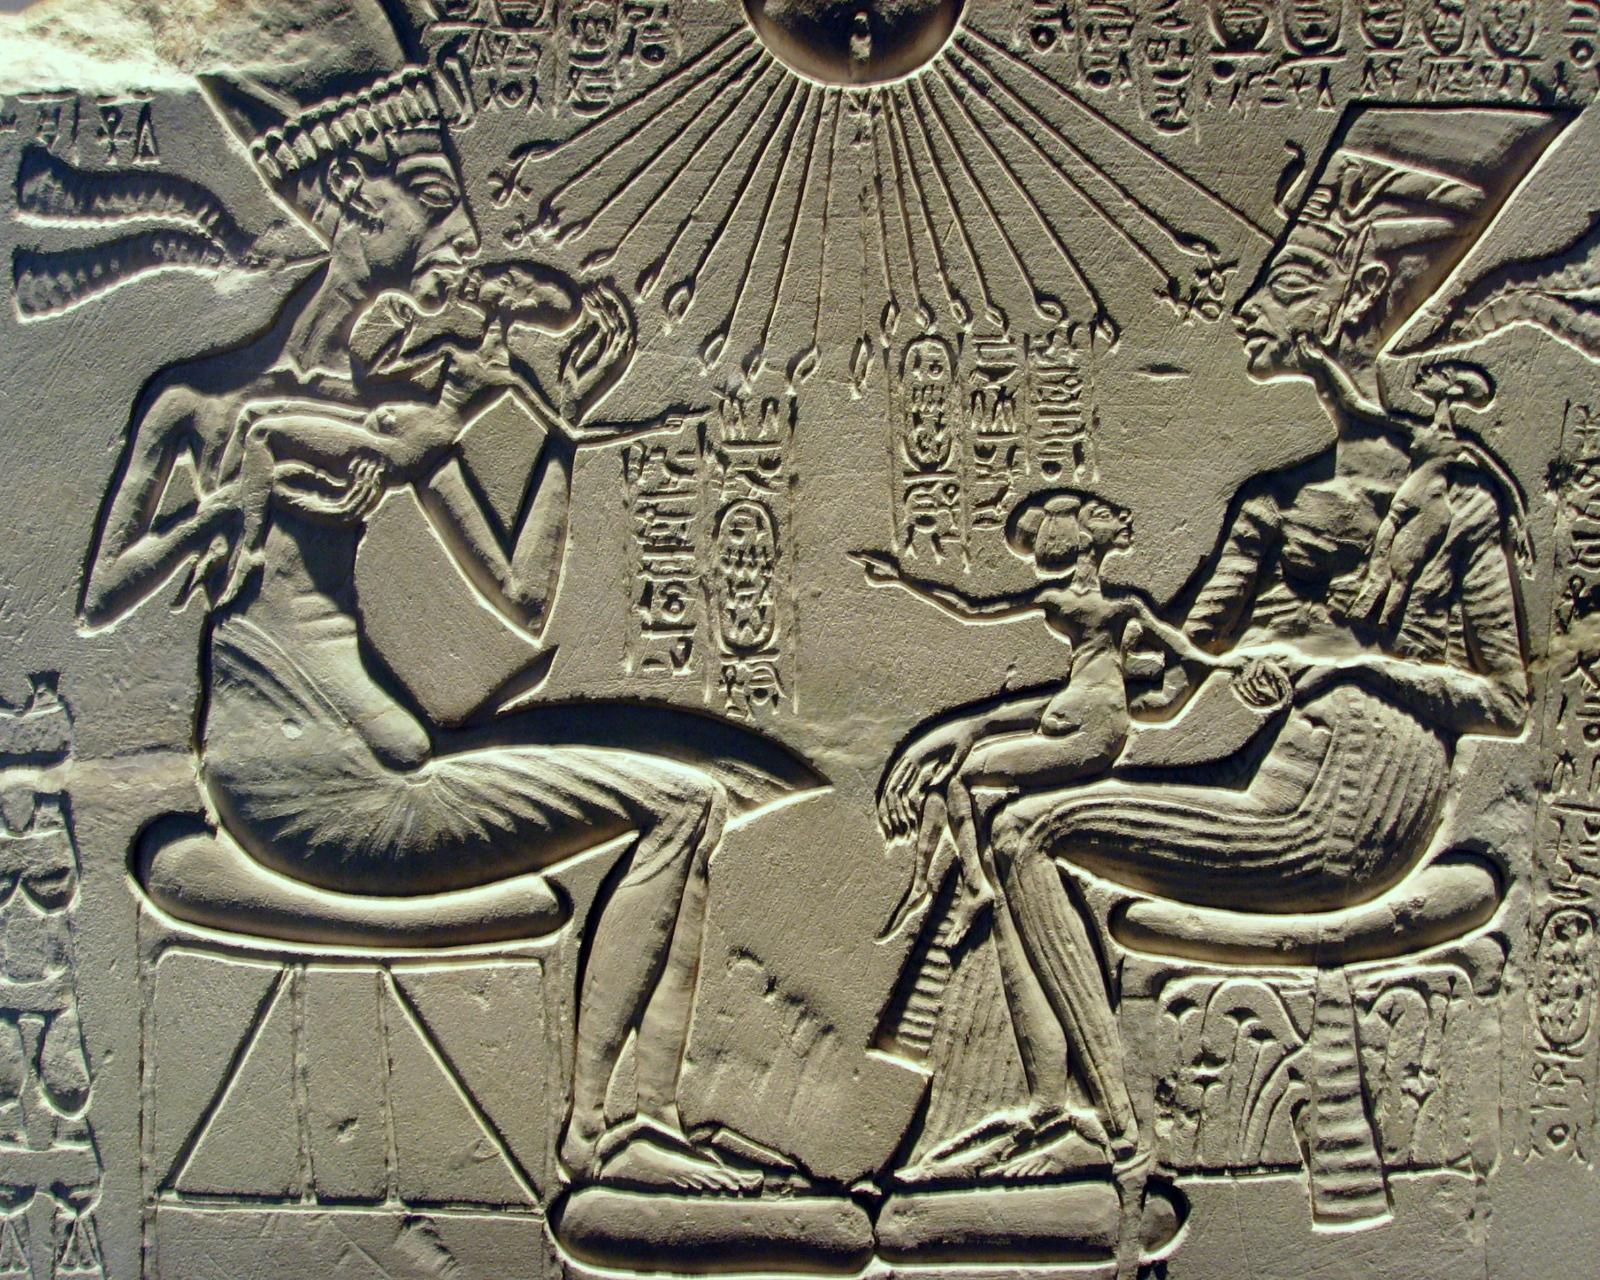 Как египетский фараон Аменхотеп основал христианство, и почему оно стало идеальным мемом - 1